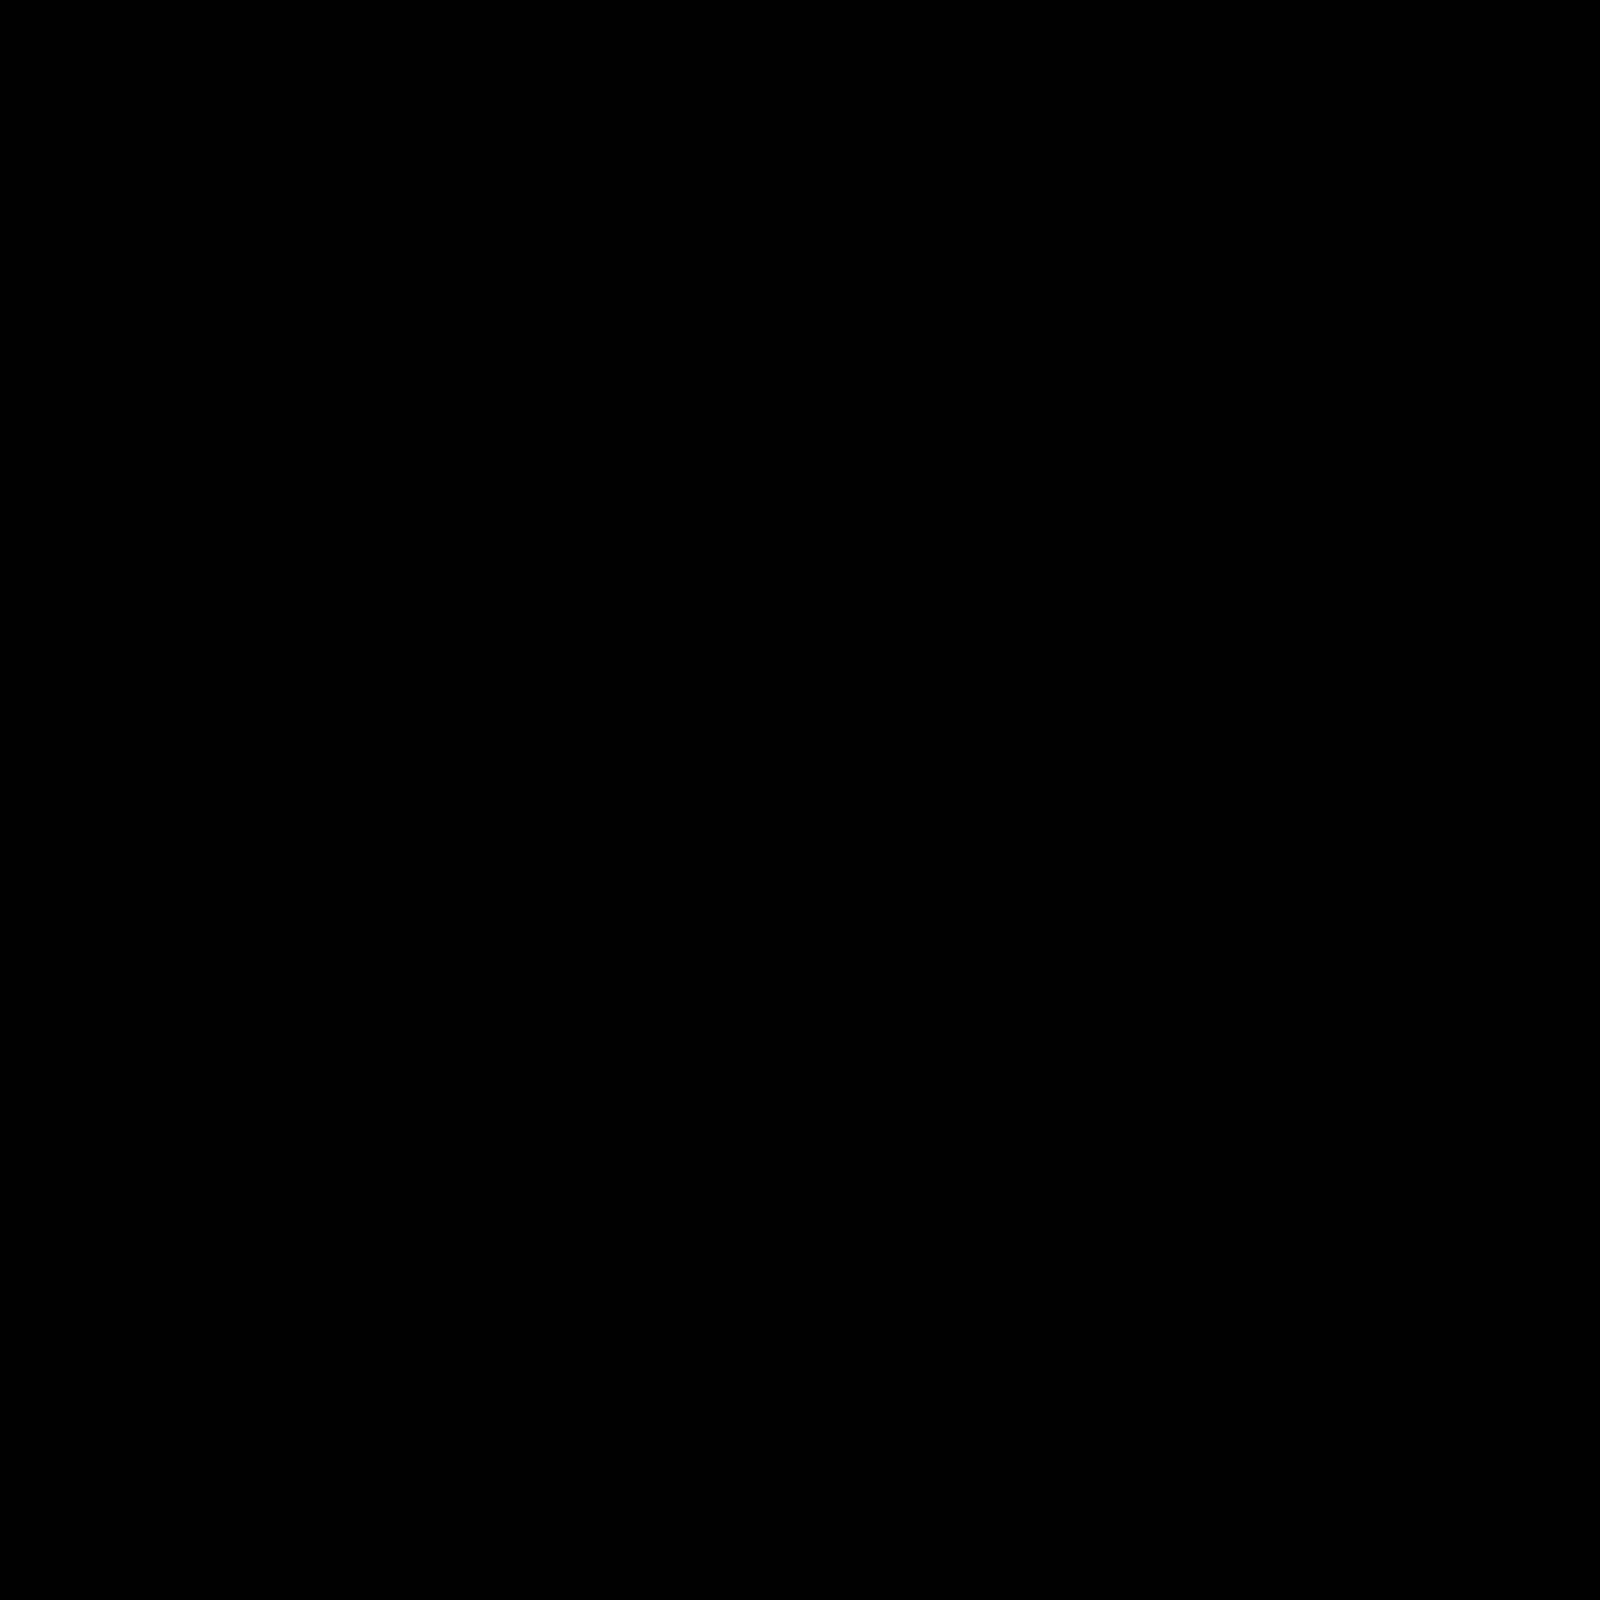 """减小字体 icon. It's a traditional capital """"A"""" symbol, with its narrow top and diagonal sides, followed by the """"minus"""" sign to the right, representing an A minus."""